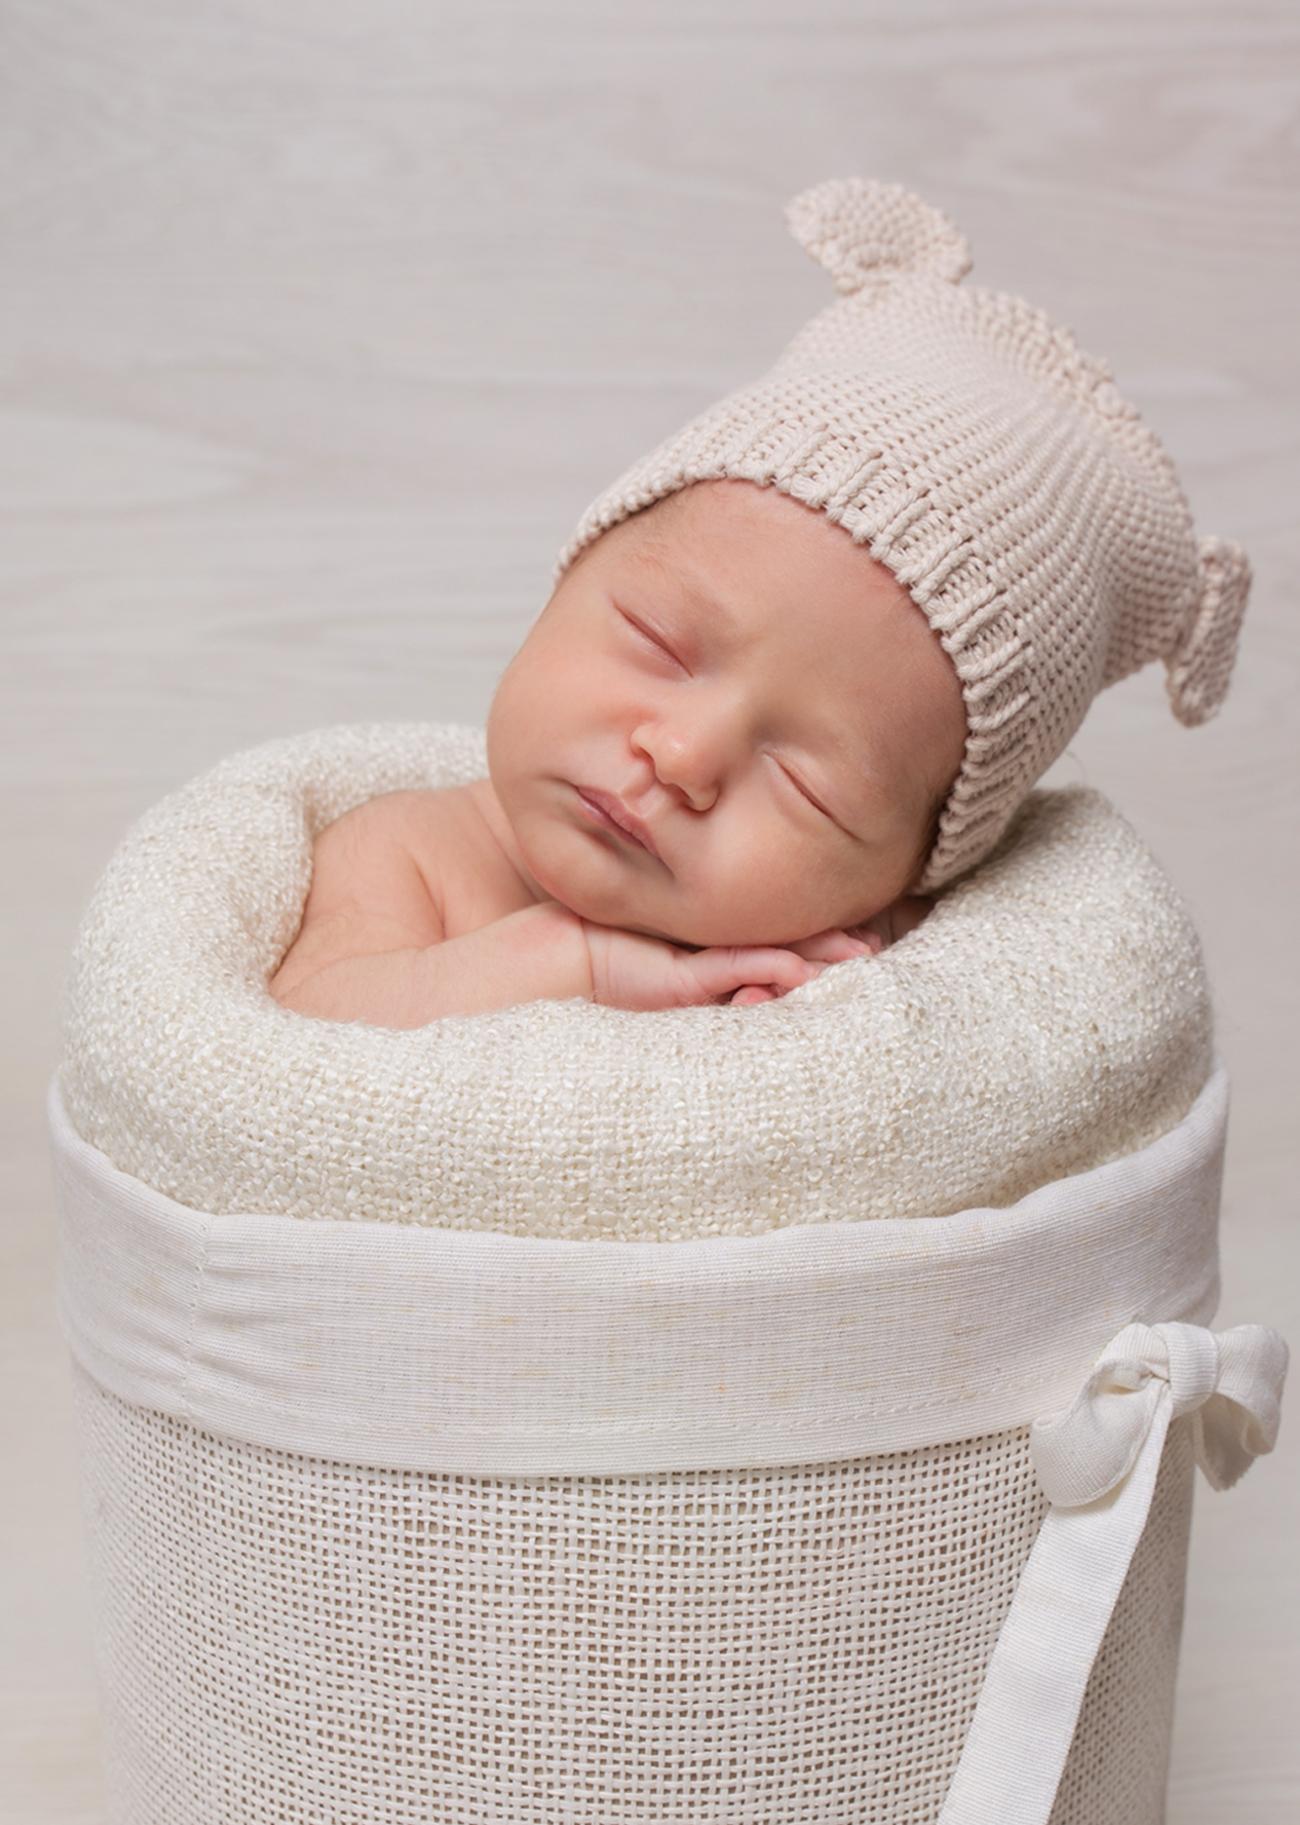 Babyborn Fotografia Recém Nascido